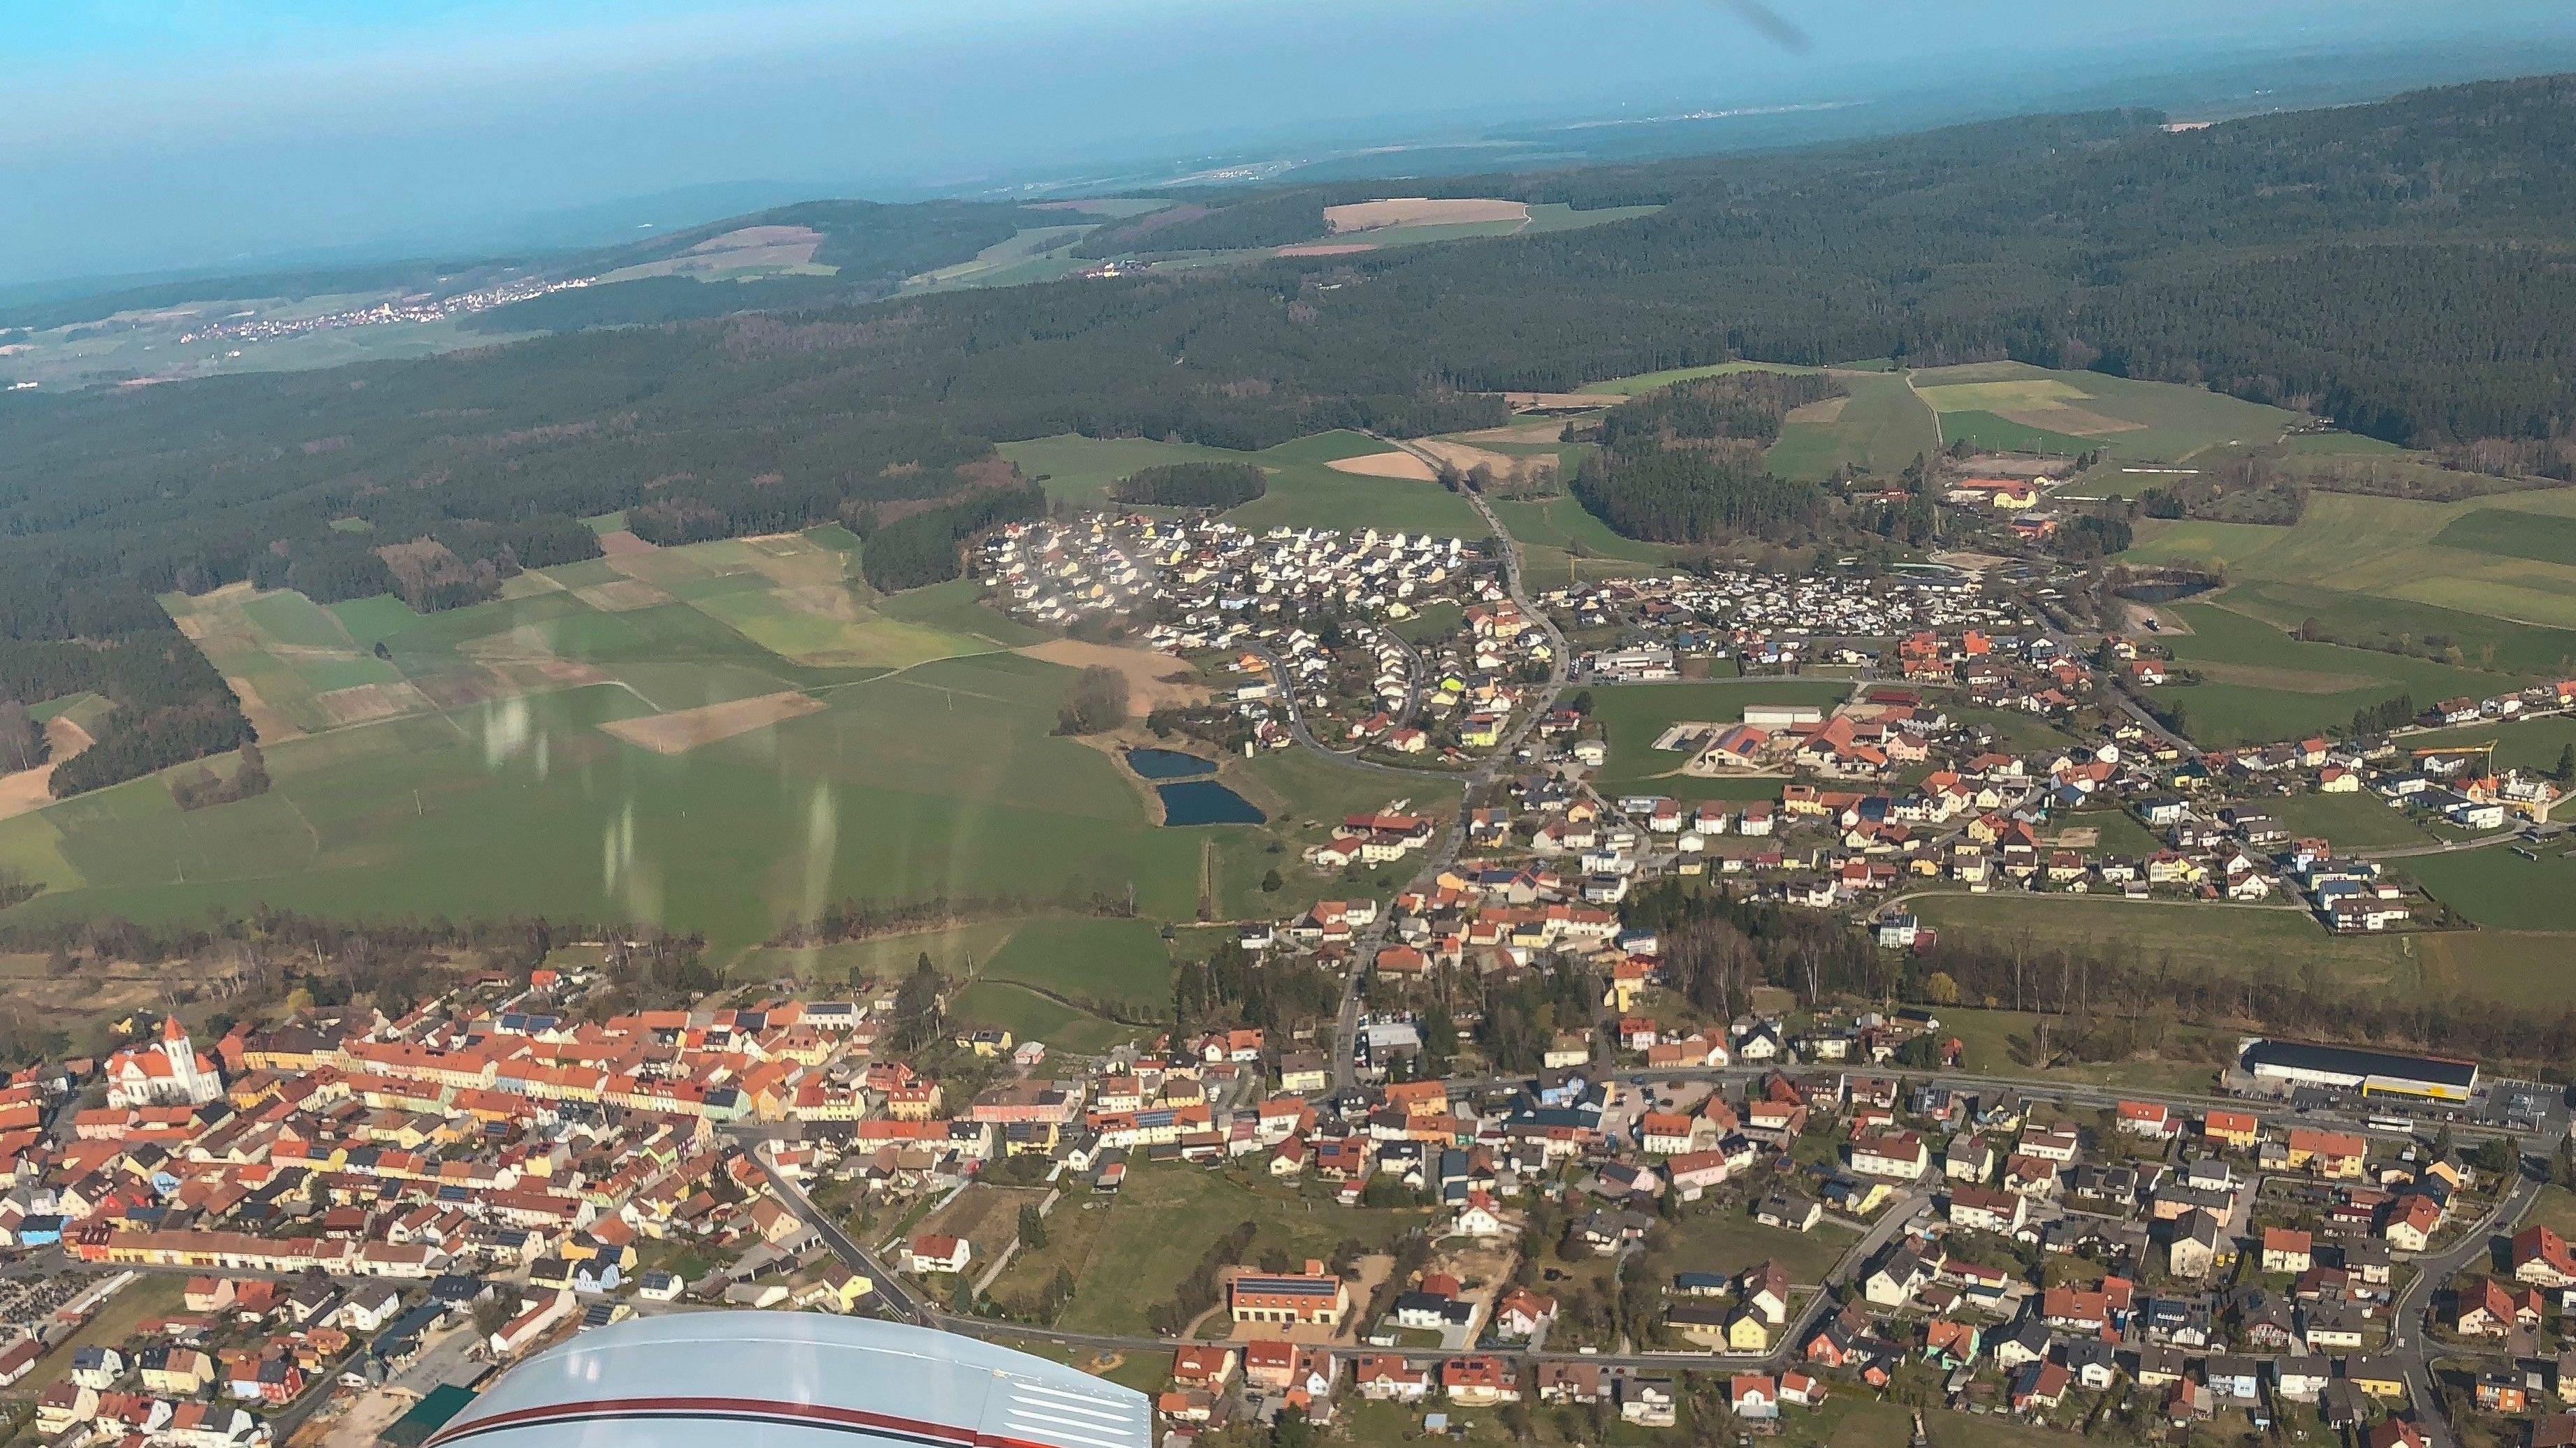 Blick aus einem Flugzeug über der Oberpfalz